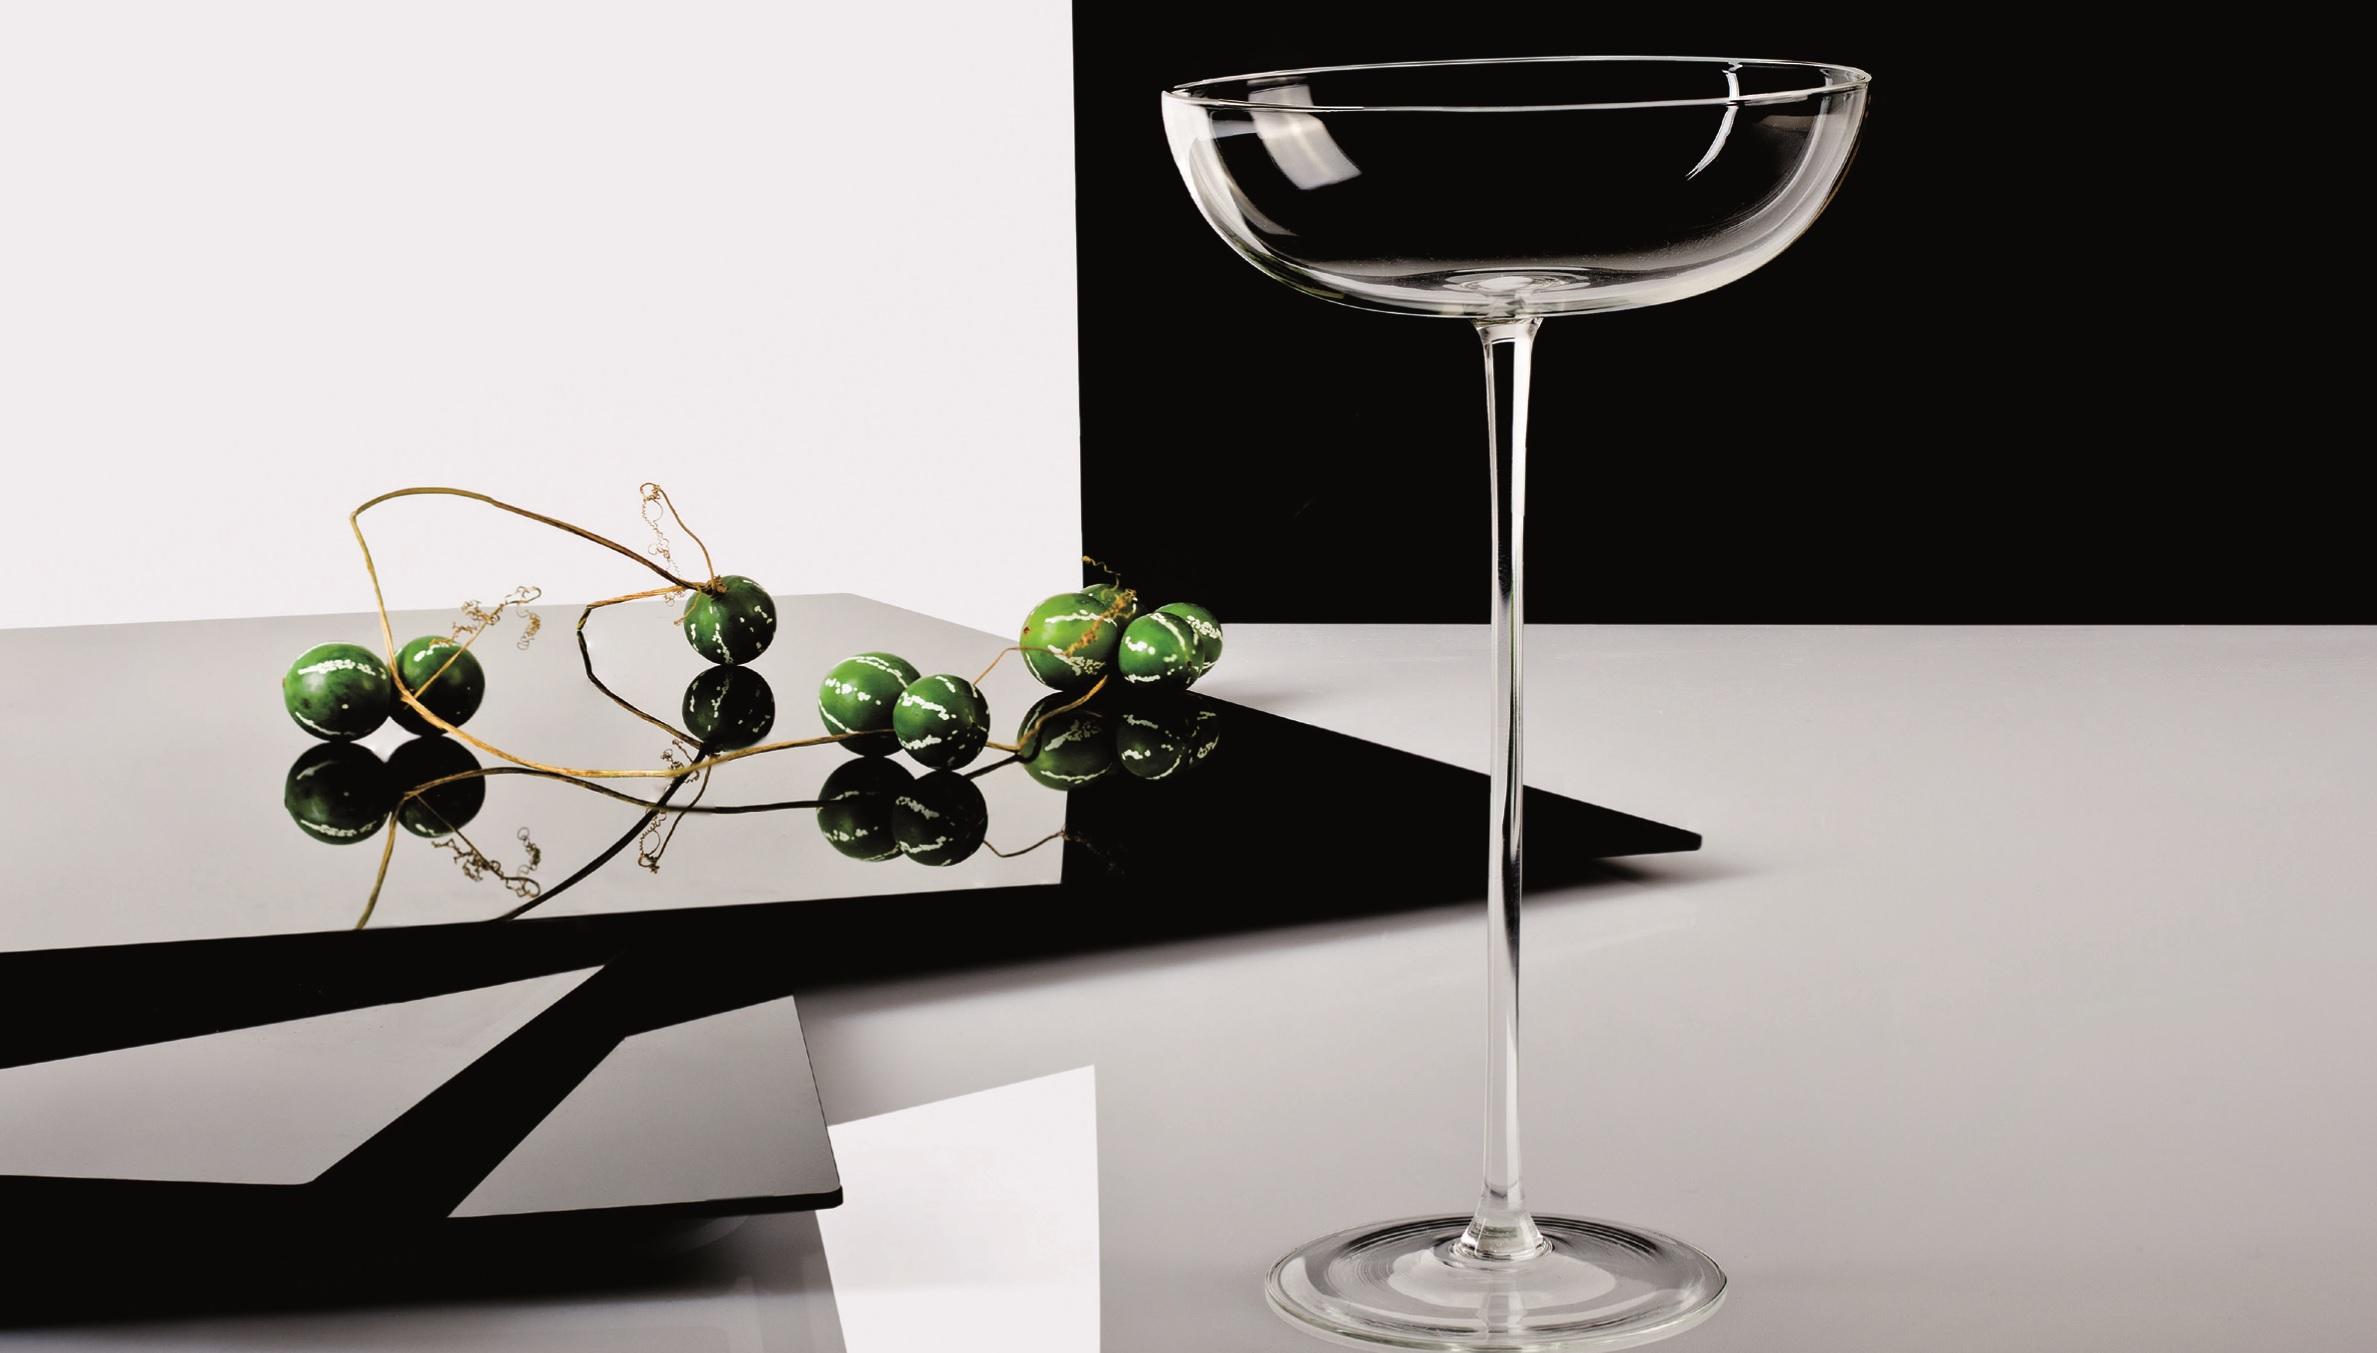 Elio BlueSide Italy Glassware